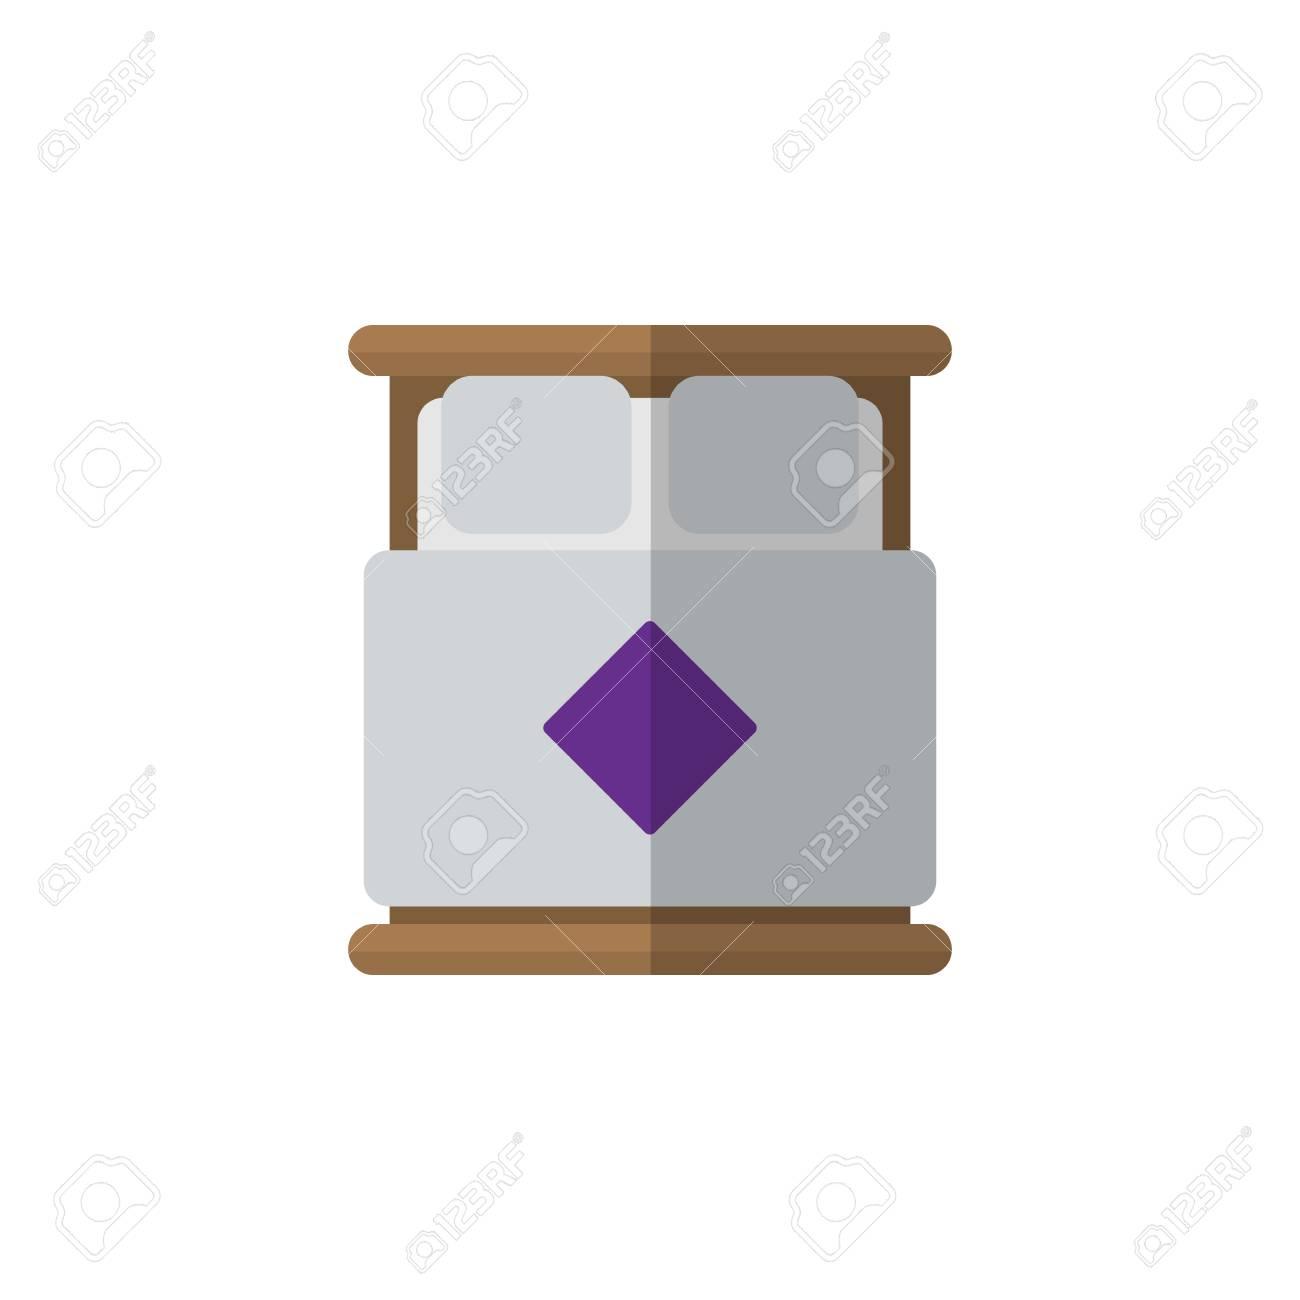 Icona piana isolata del letto matrimoniale. L\'elemento di vettore del  materasso può essere usato per il concetto di progetto del materasso,  letto, ...